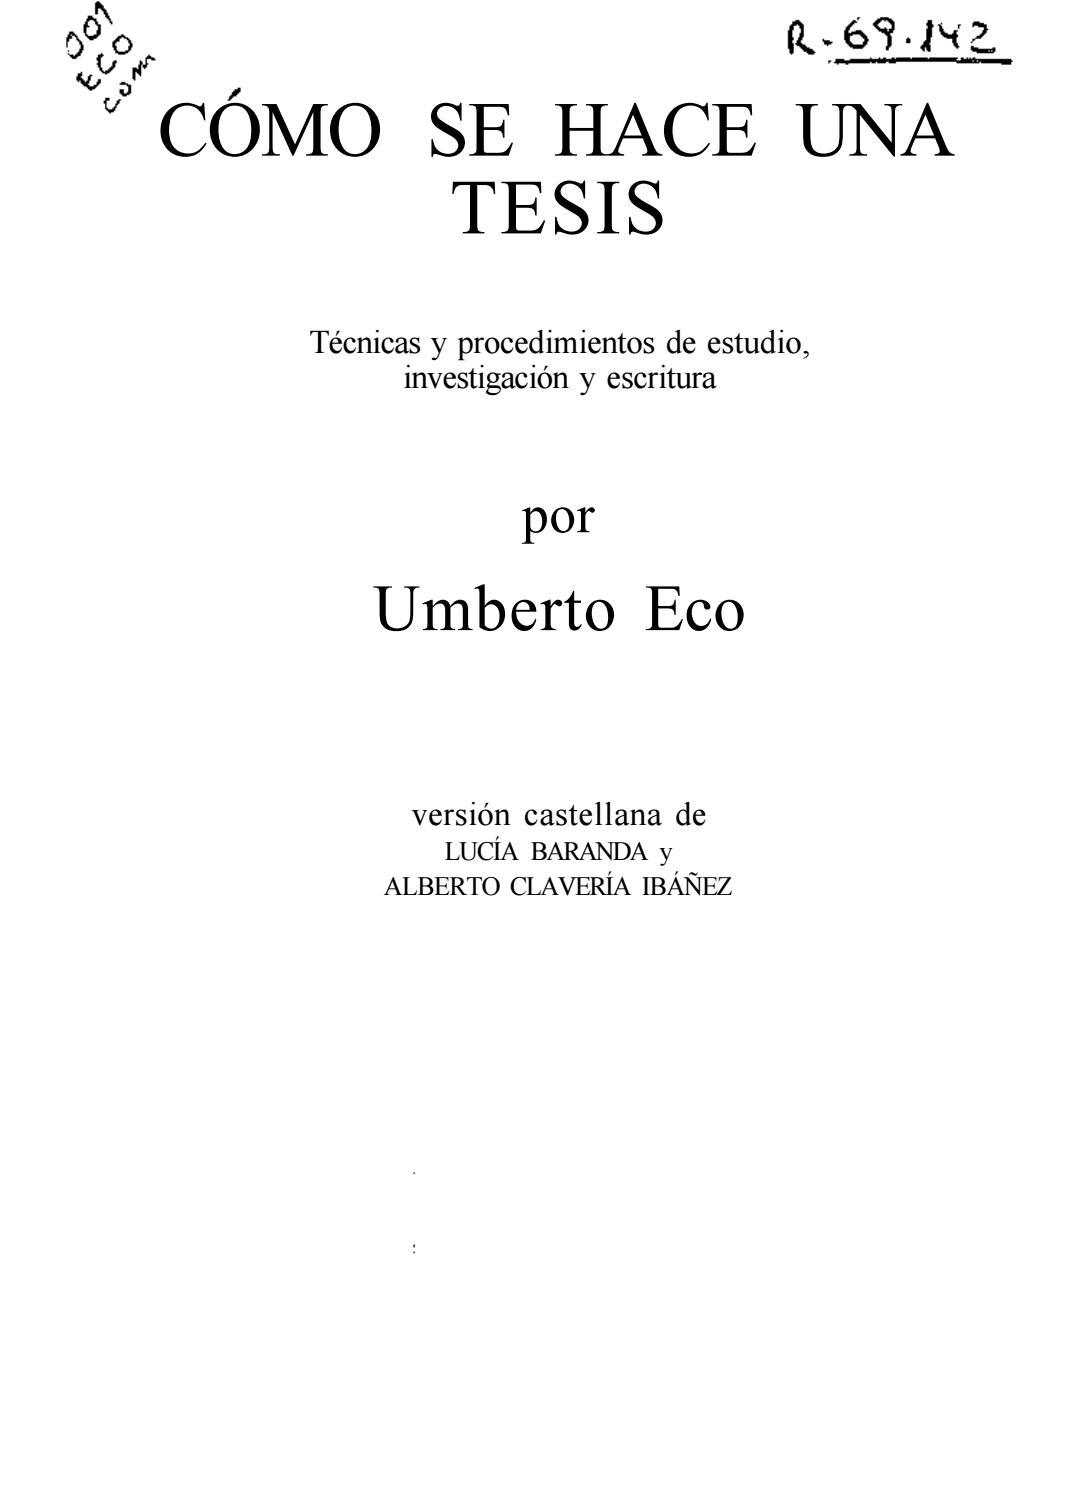 Còmo se hace una tesis (tècnicas y procedimientos de estudio ...